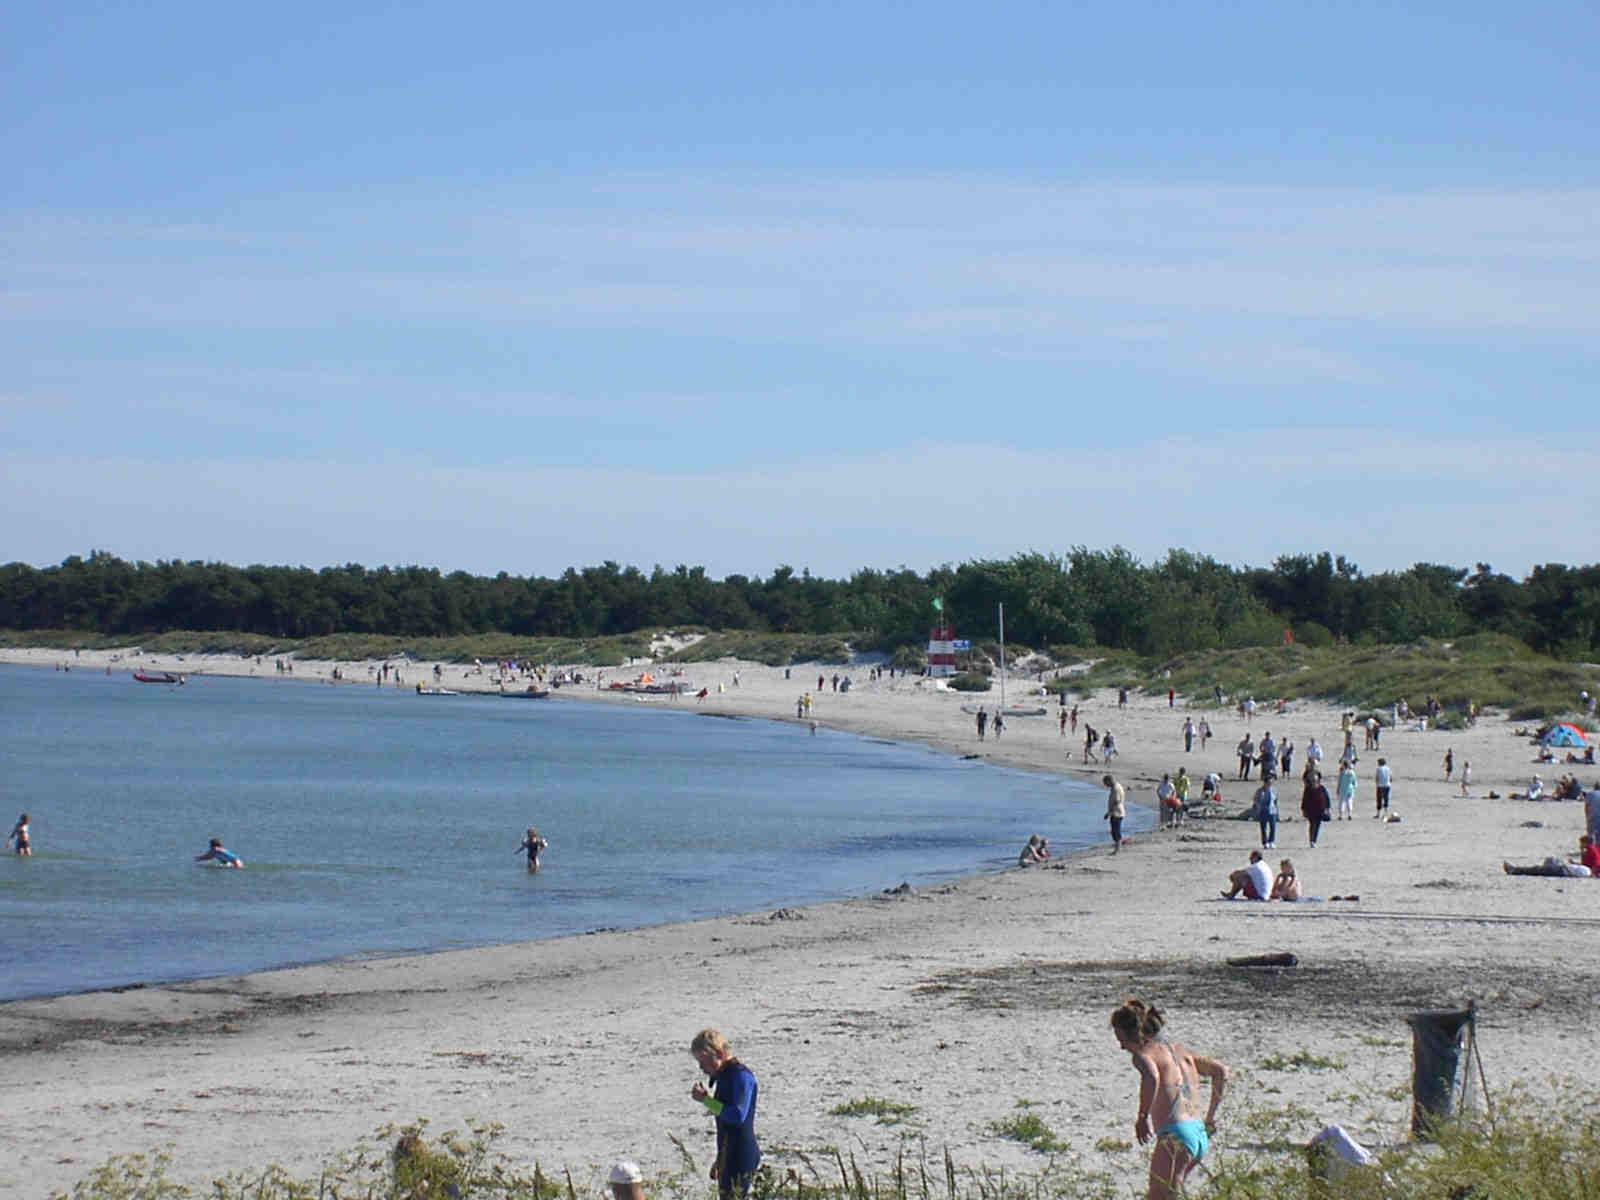 strand Femmøller Strand